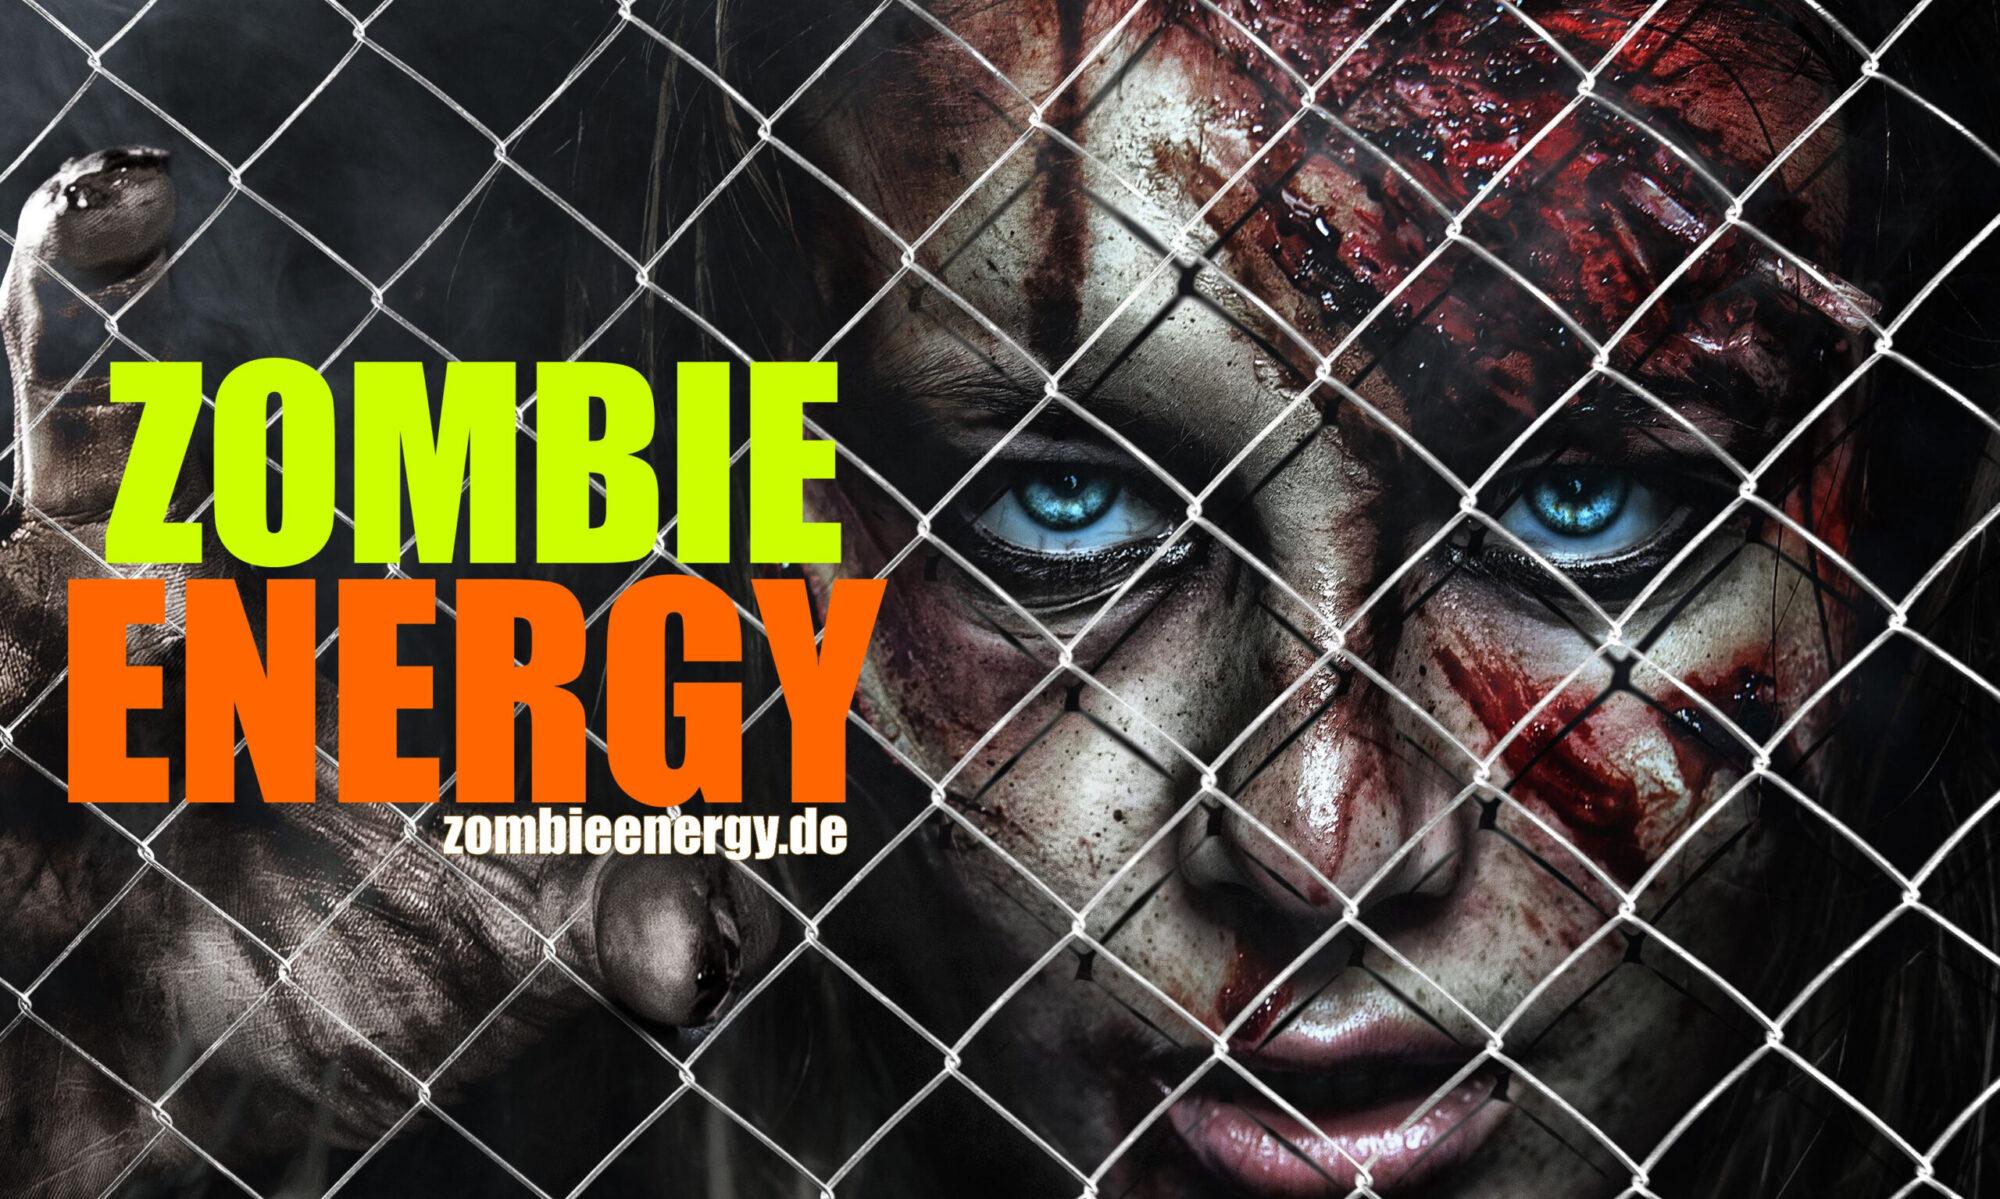 Zombieenergy.de